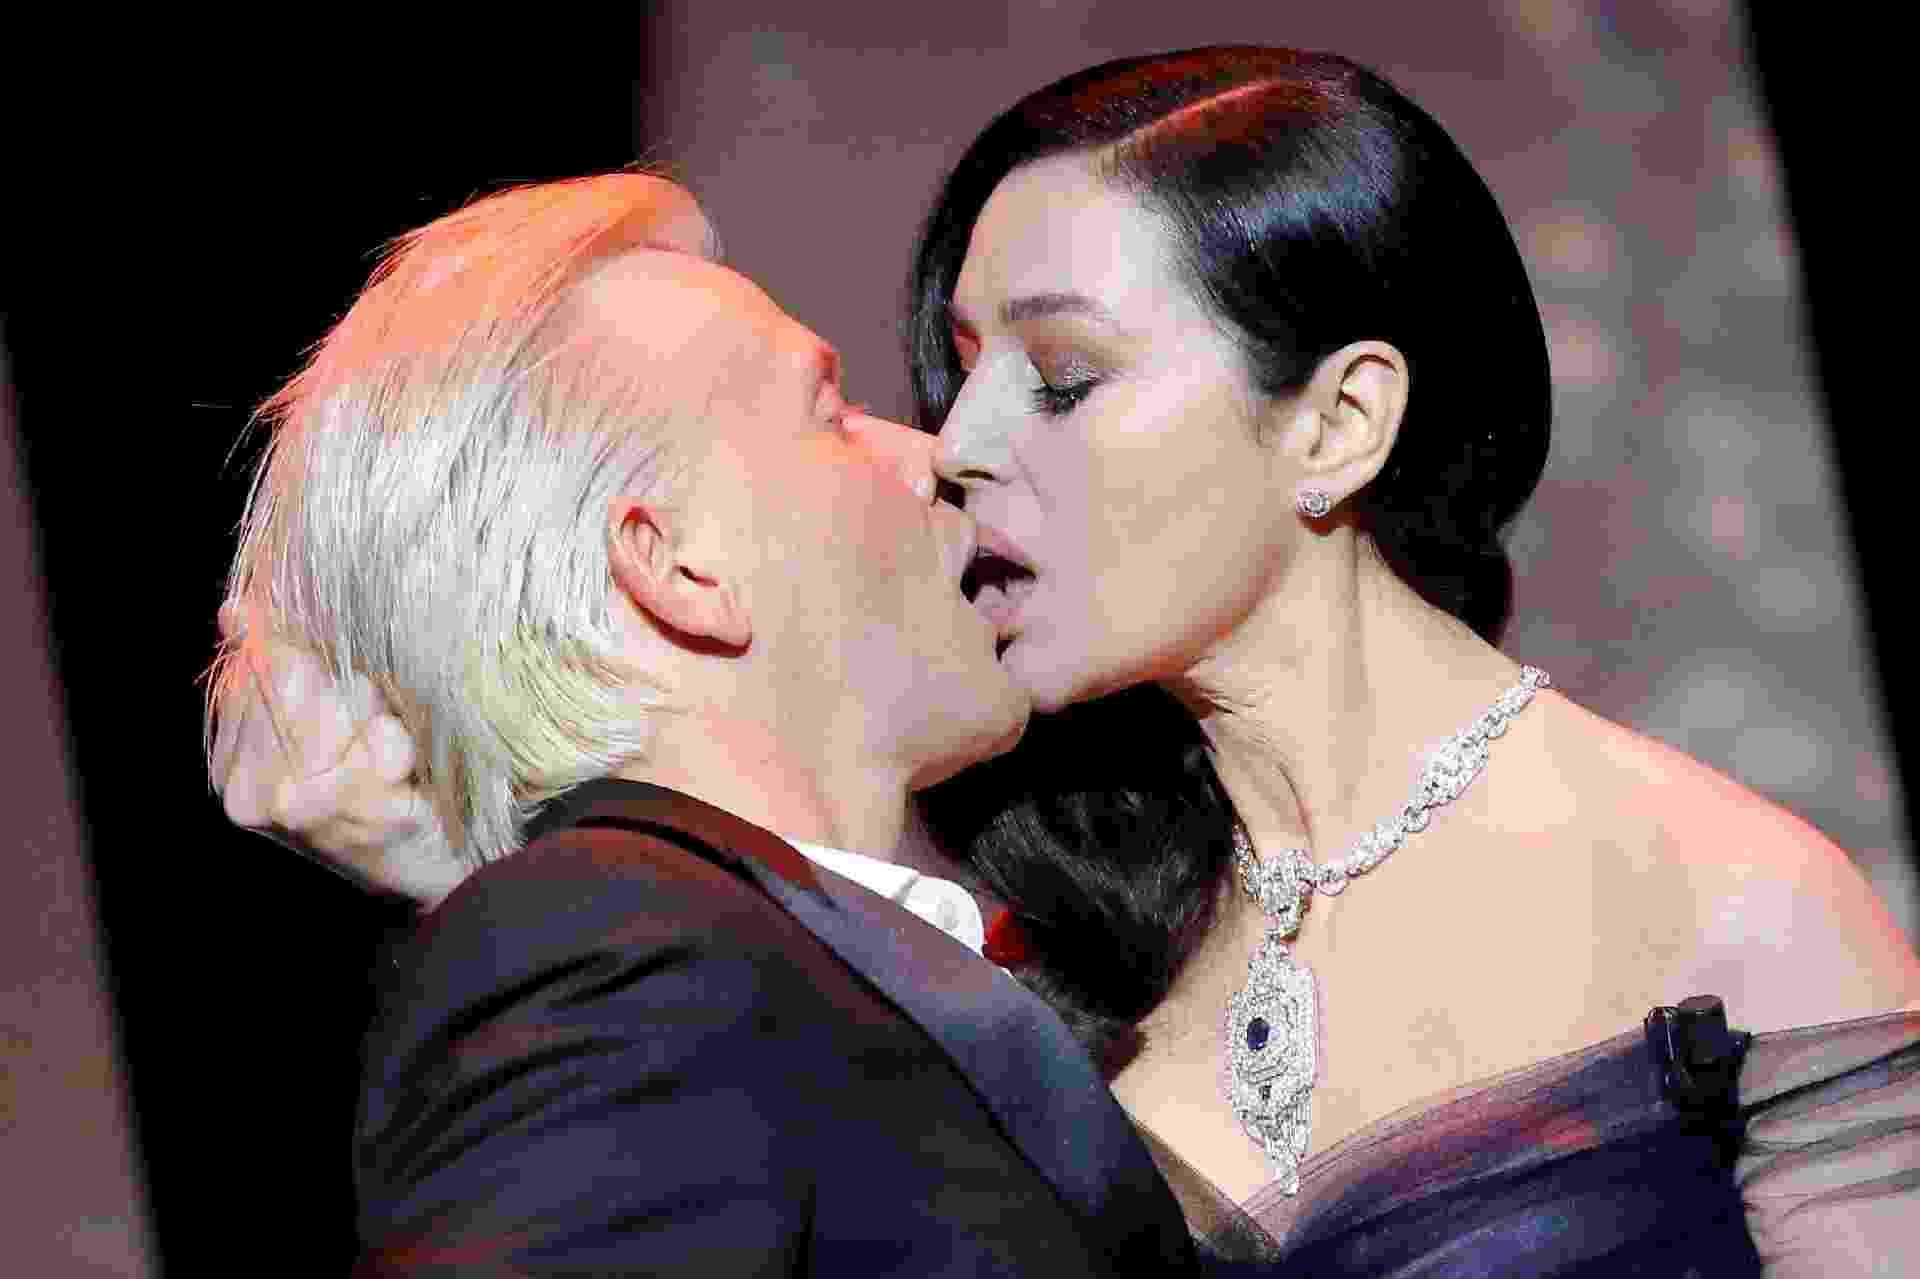 Na abertura do 70º Festival de Cinema de Cannes, a atriz Monica Bellucci dá um beijão no ator Alex Lutz no palco - Reuters